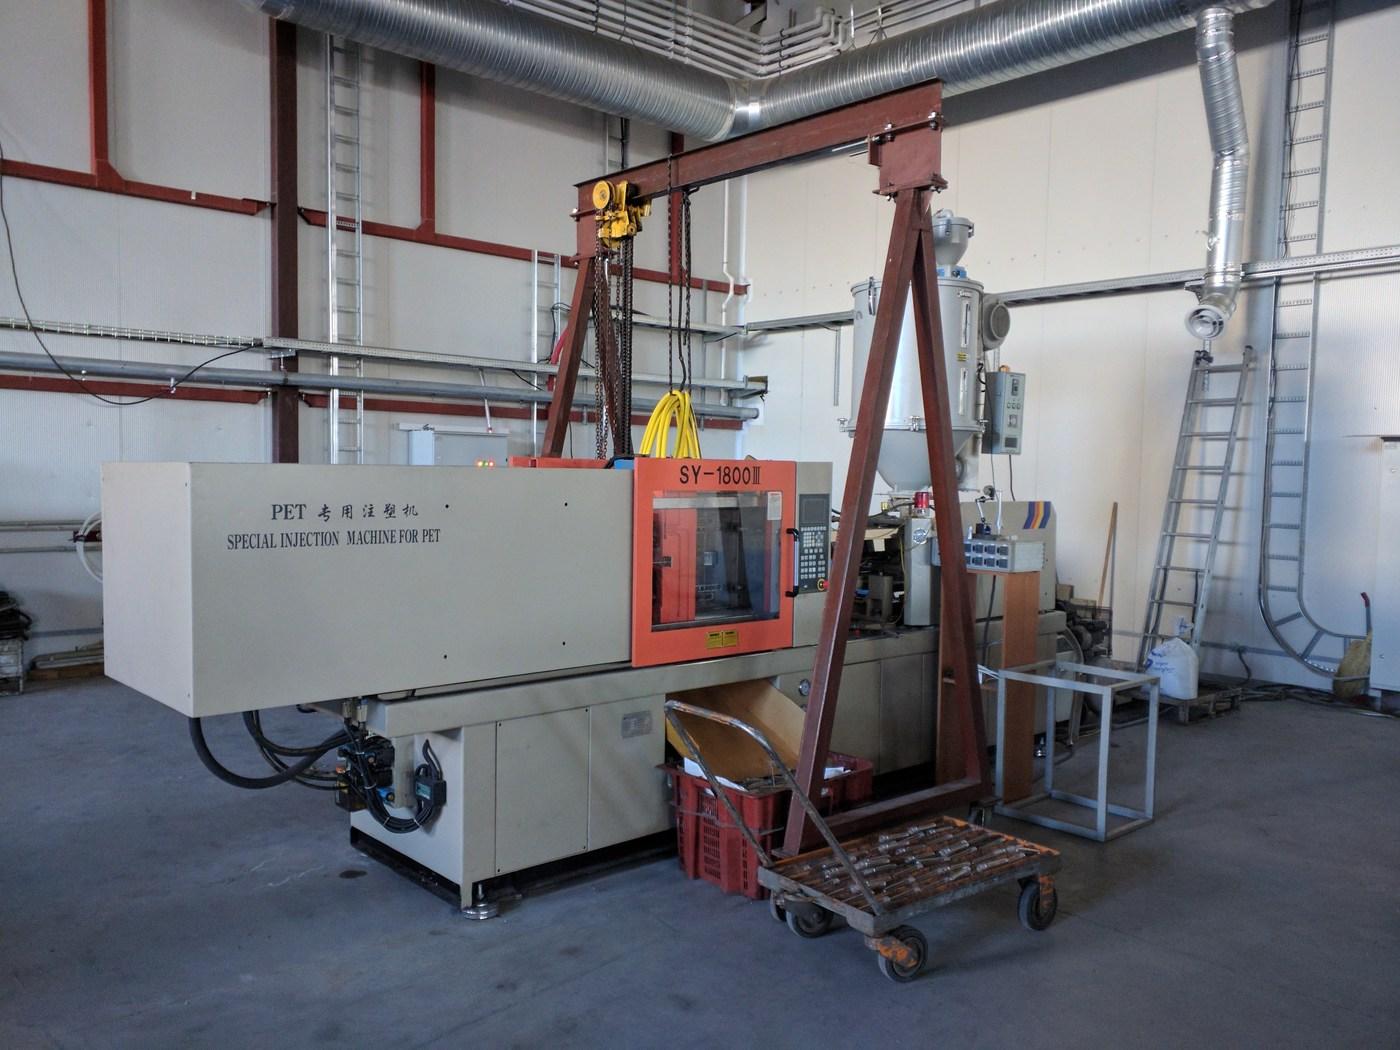 Термопластавтомат и периферийное оборудование